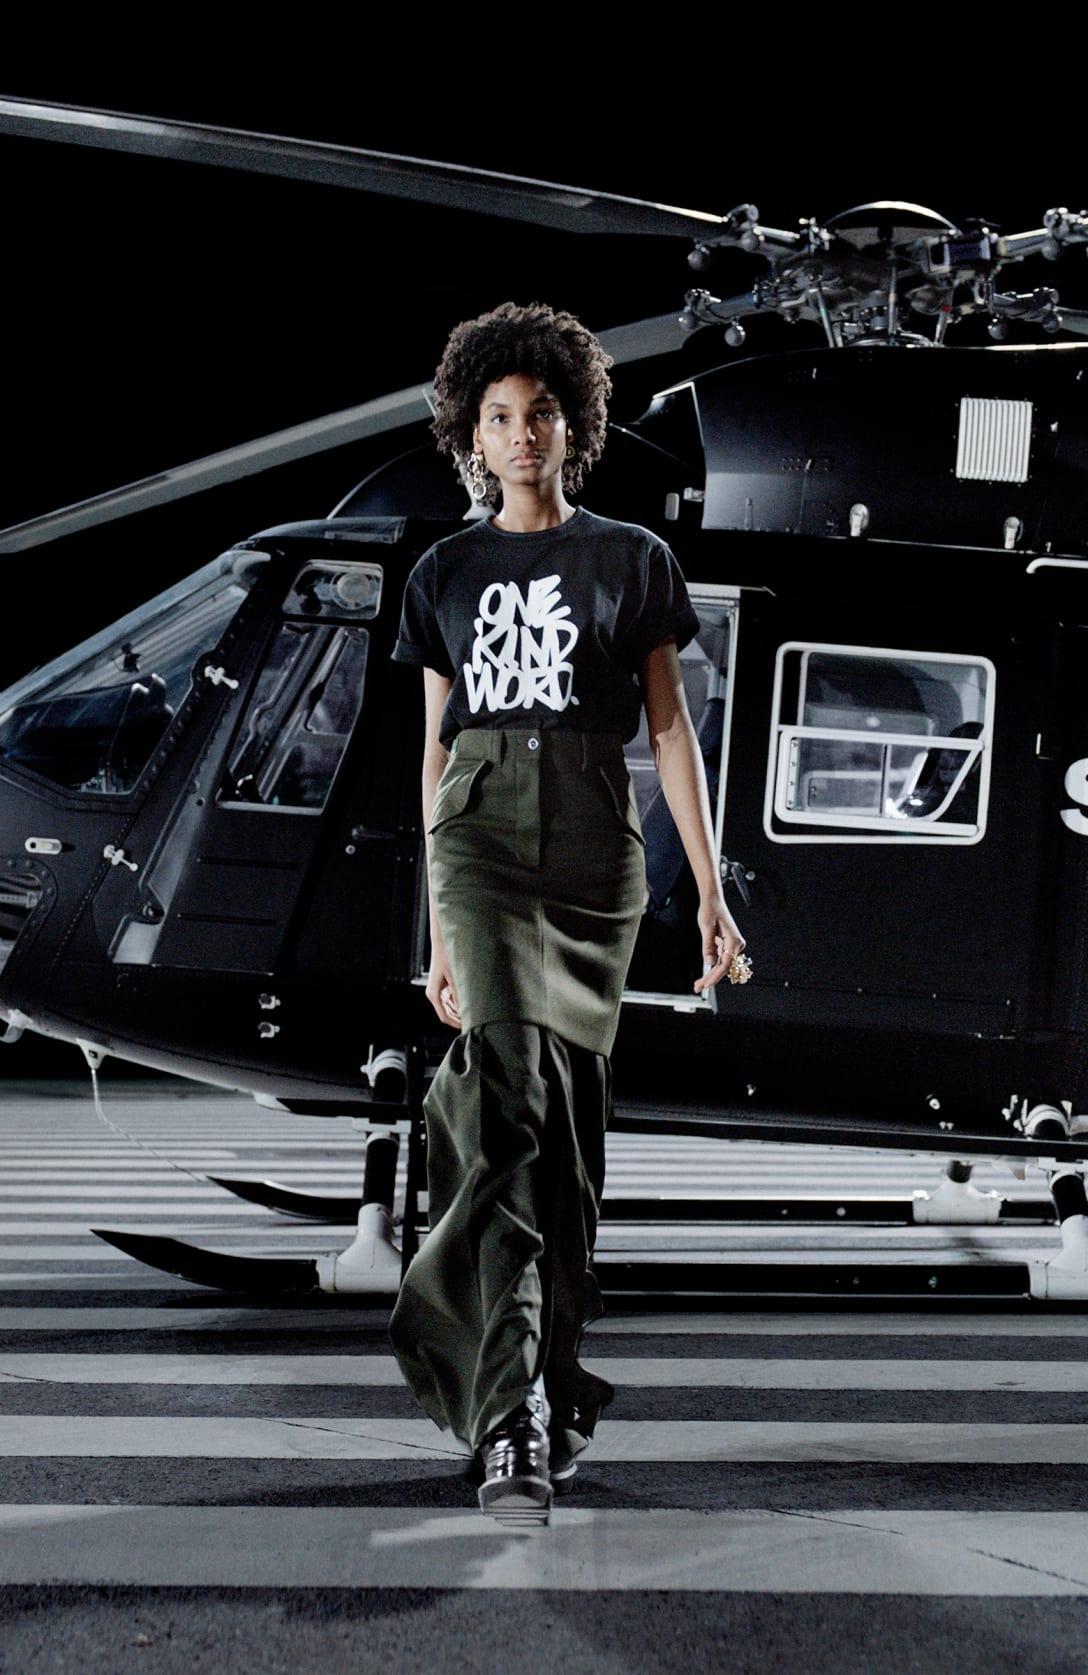 エリック・ヘイズとのコラボレーションTシャツ Image by sacai